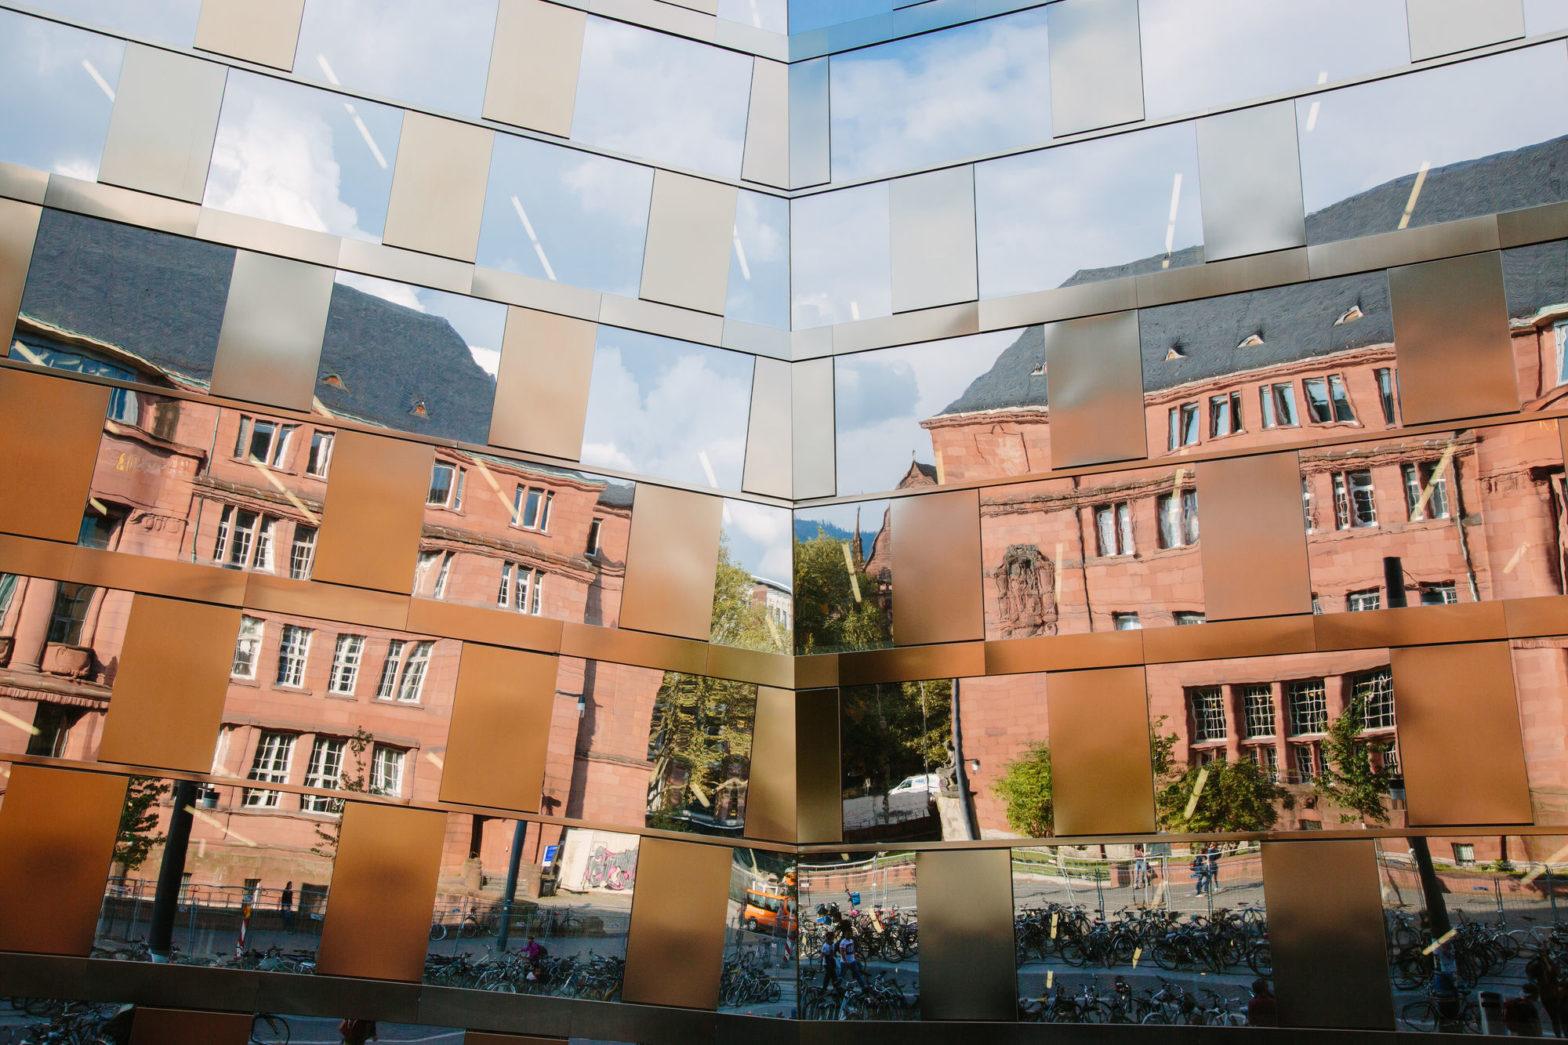 Das KG I spiegelt sich in der Fassade der UB